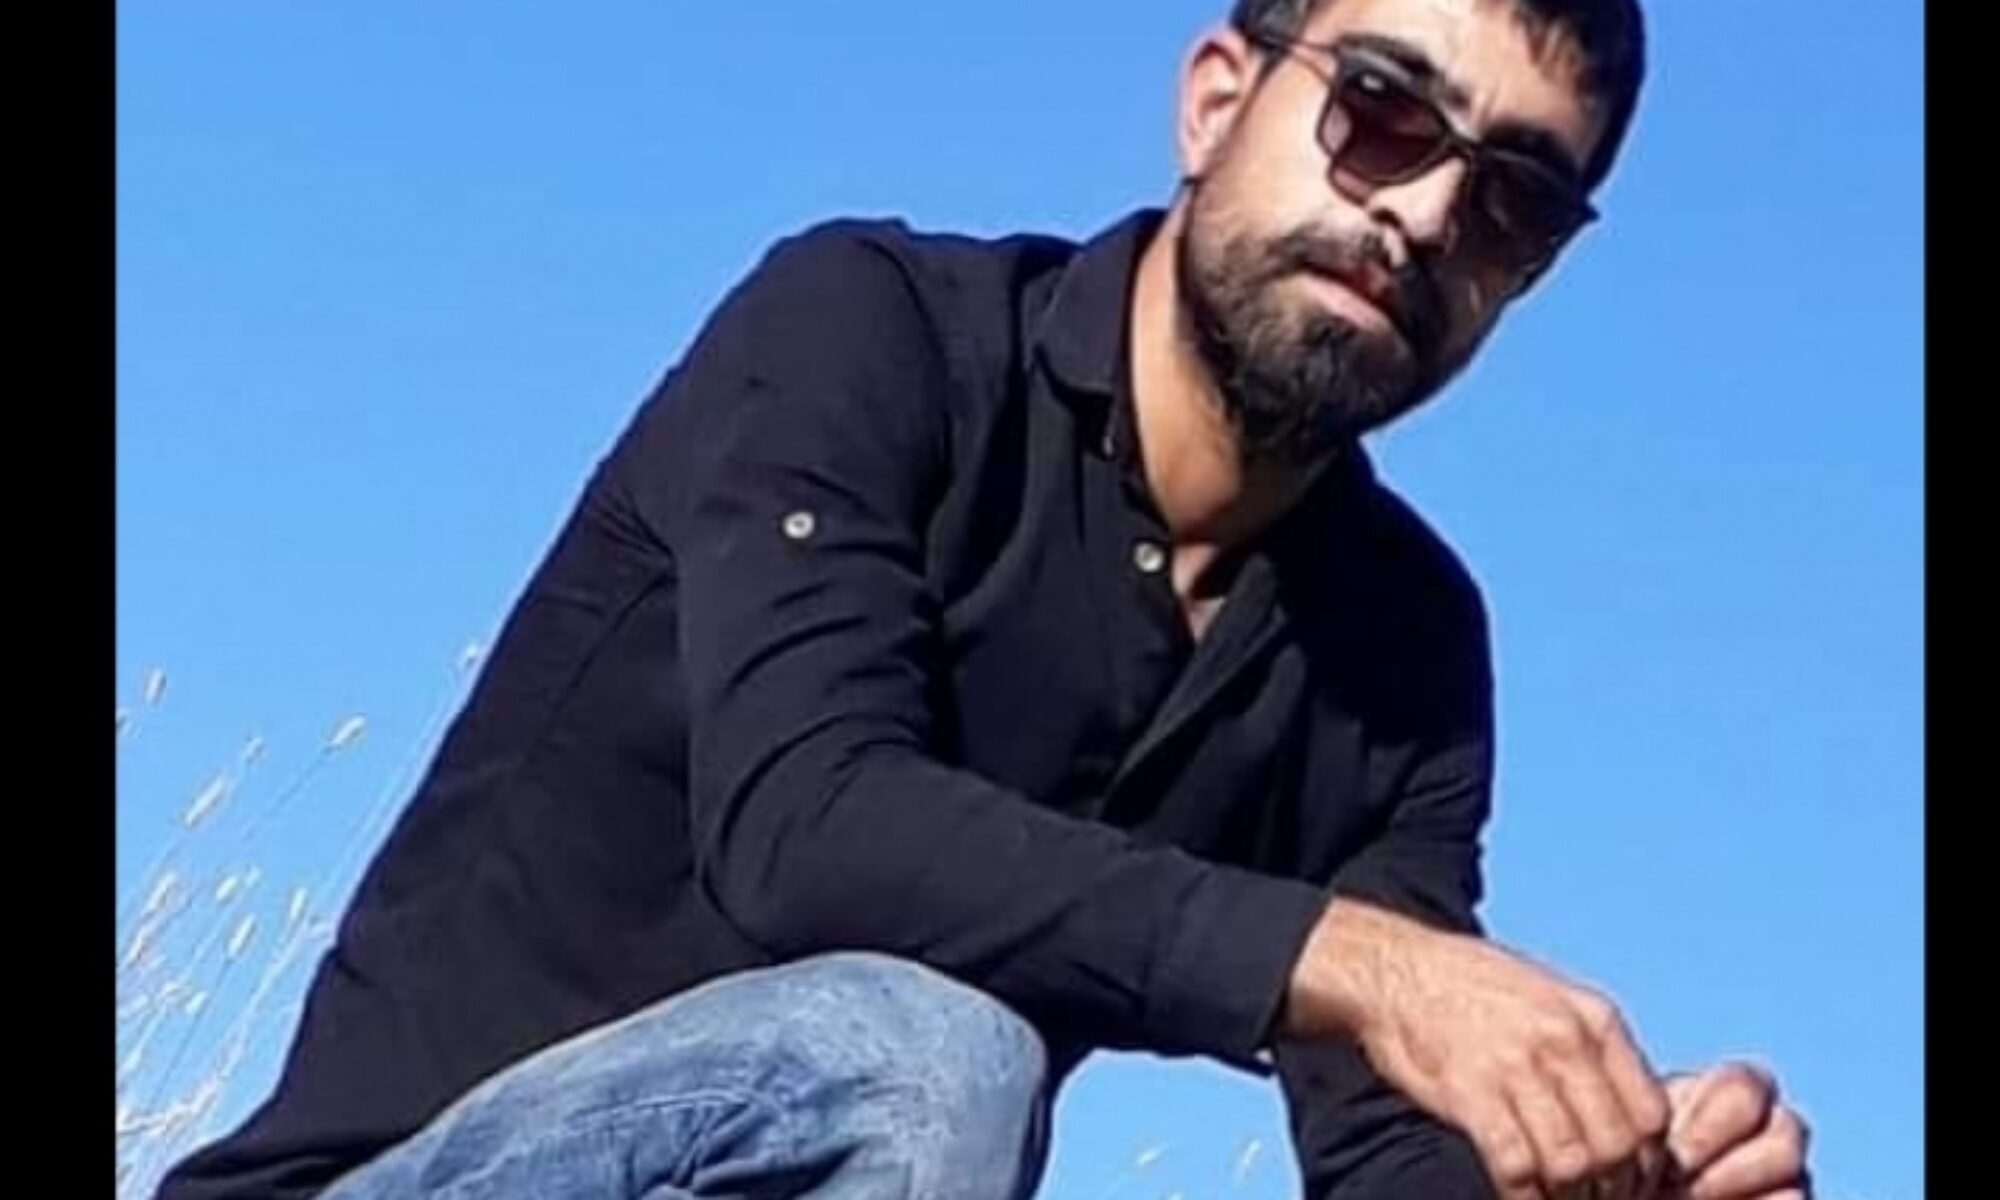 Dersim'de sivil bir vatandaşın aracı helikopterlerler ve SİHA'larla vuruldu, aile cenazeyi teşhis edemedi